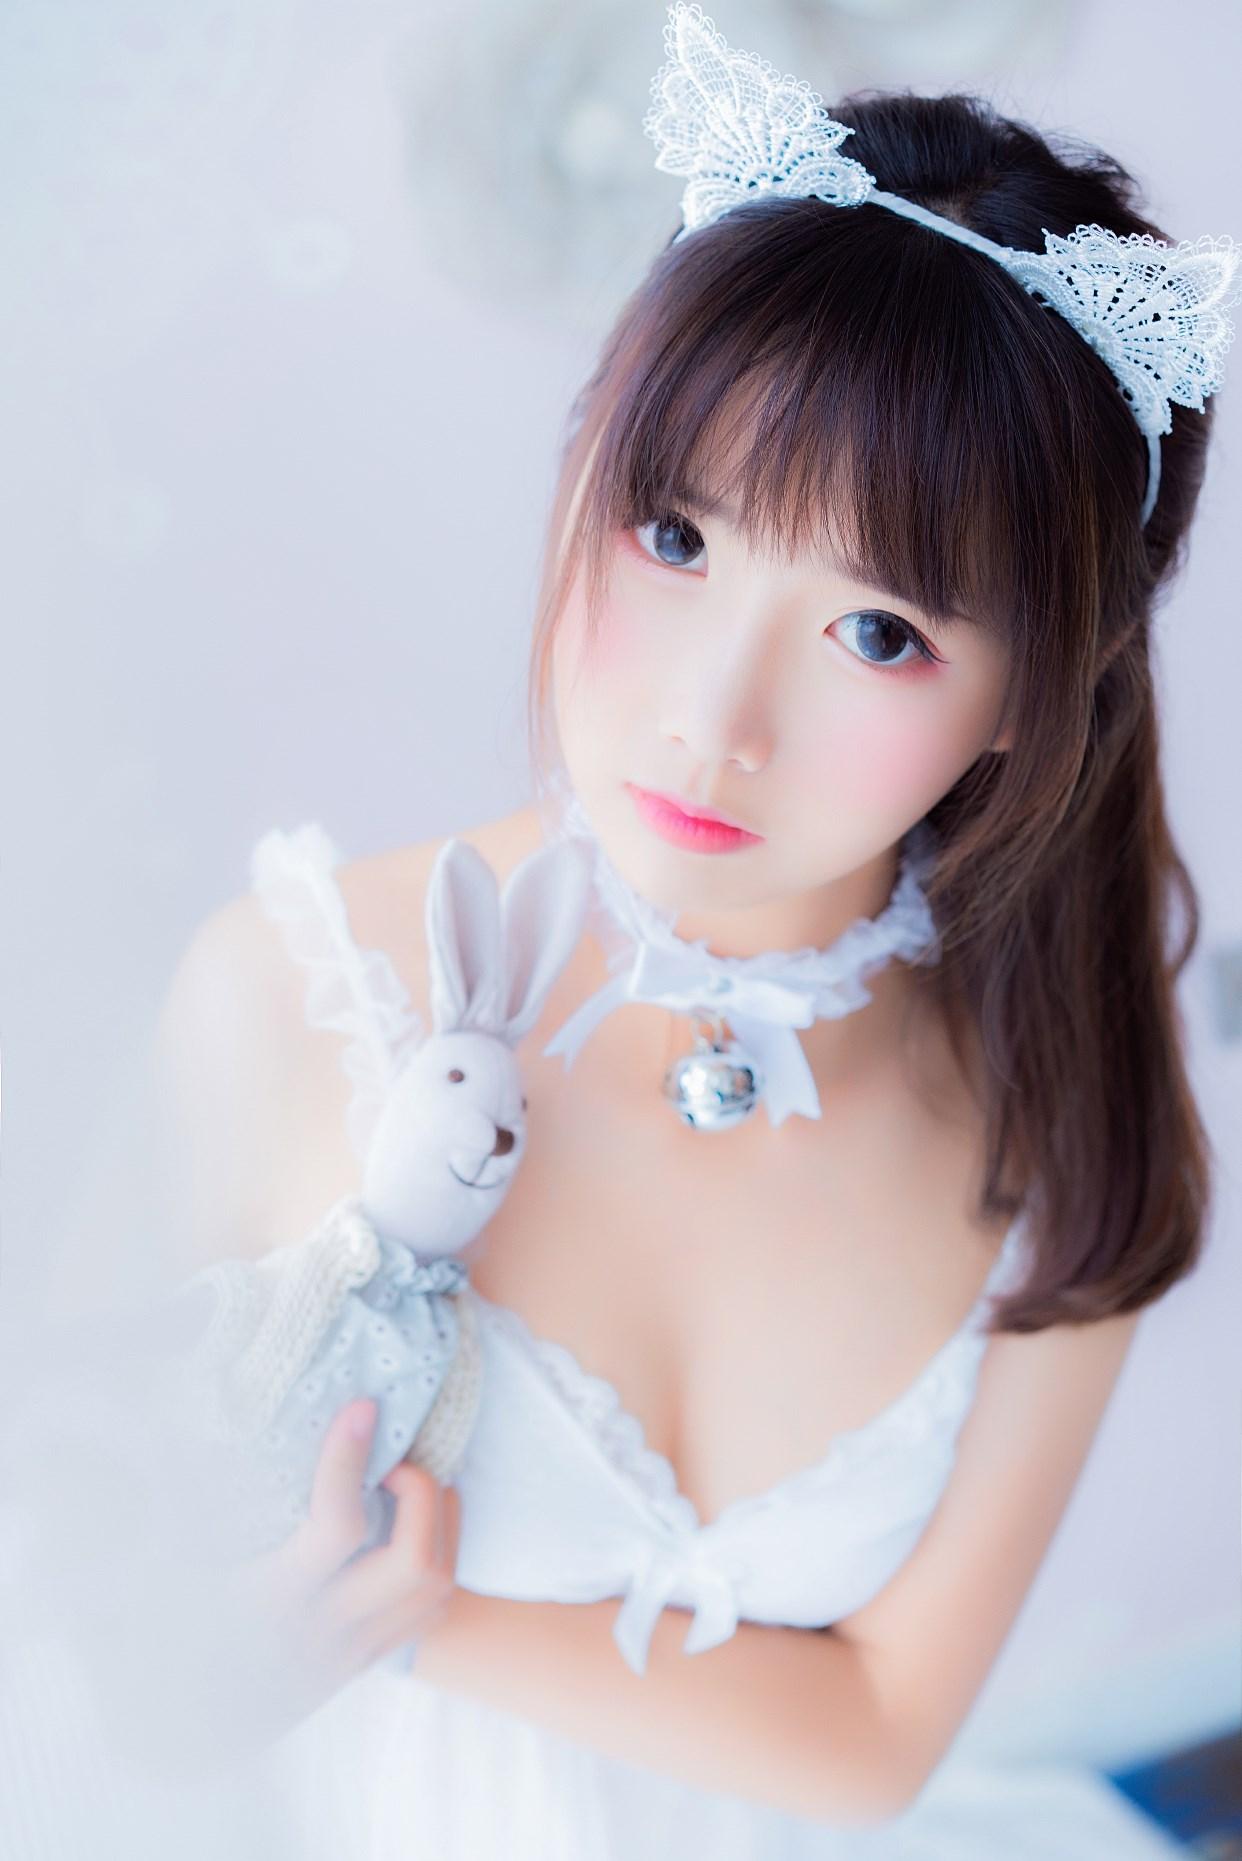 【兔玩映画】vol.12-吊带睡衣 兔玩映画 第34张